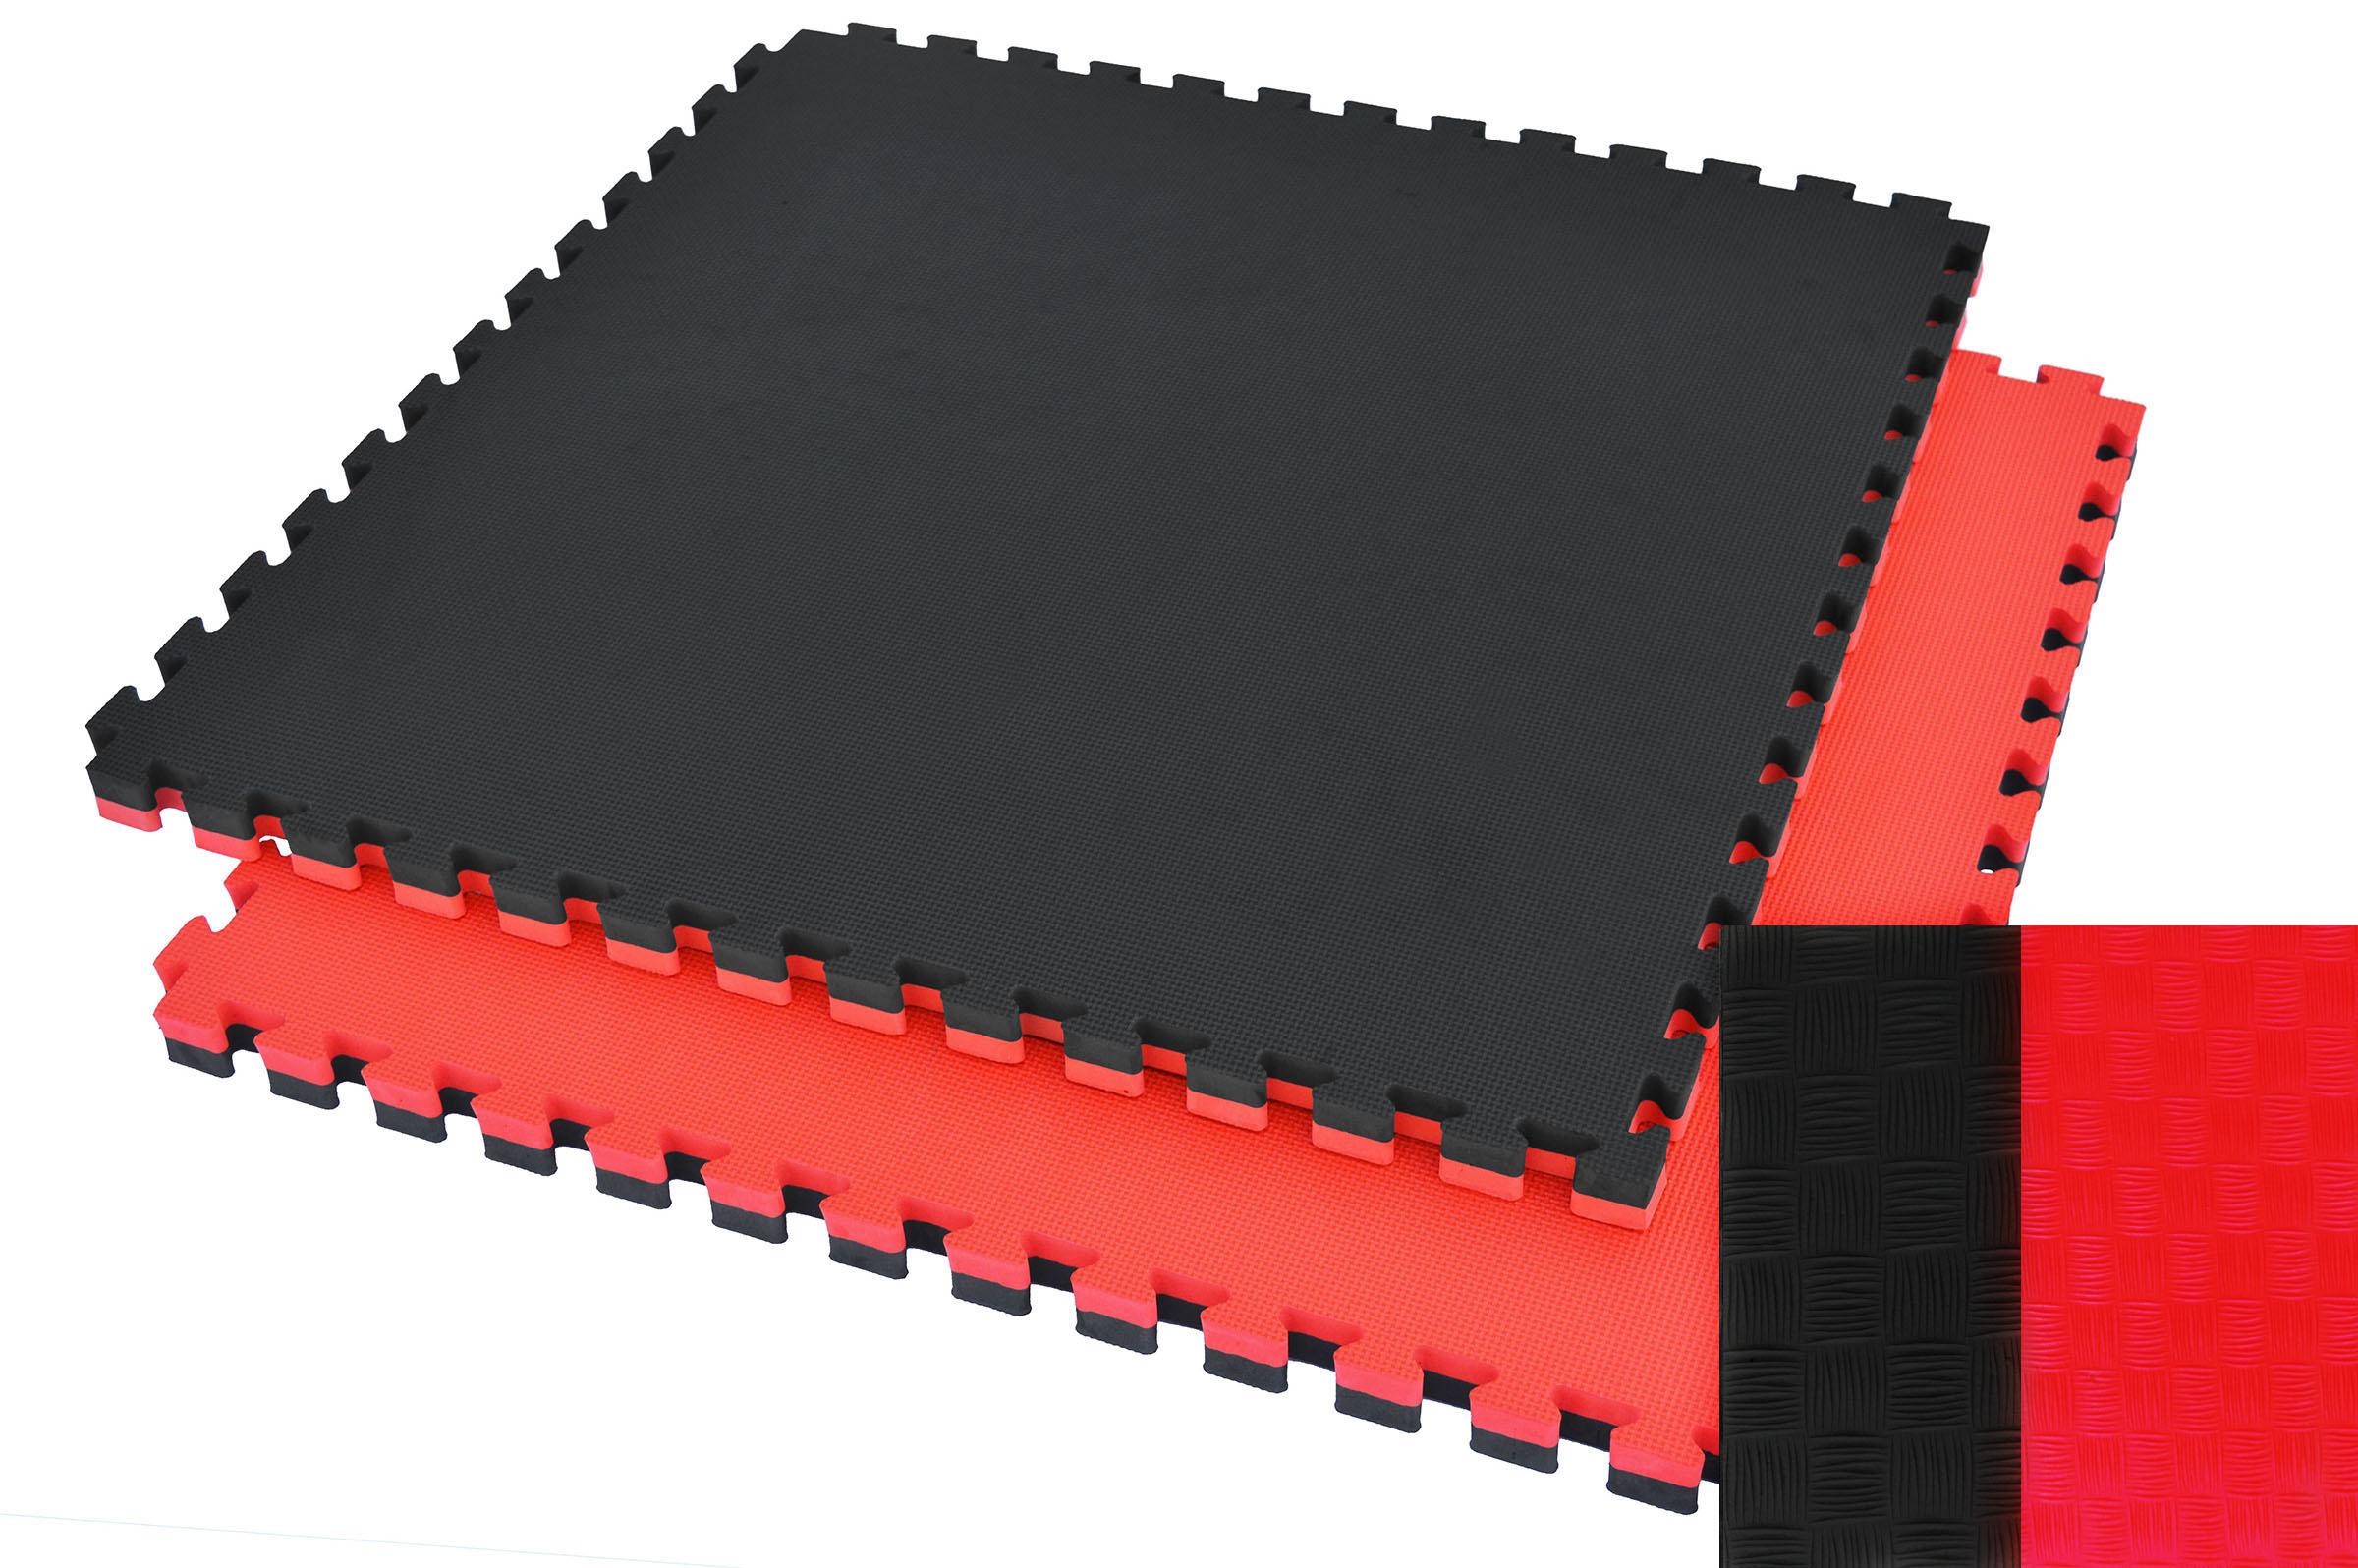 Tatamis puzzle 2.5 cm Rouge - Noir finition paille de riz